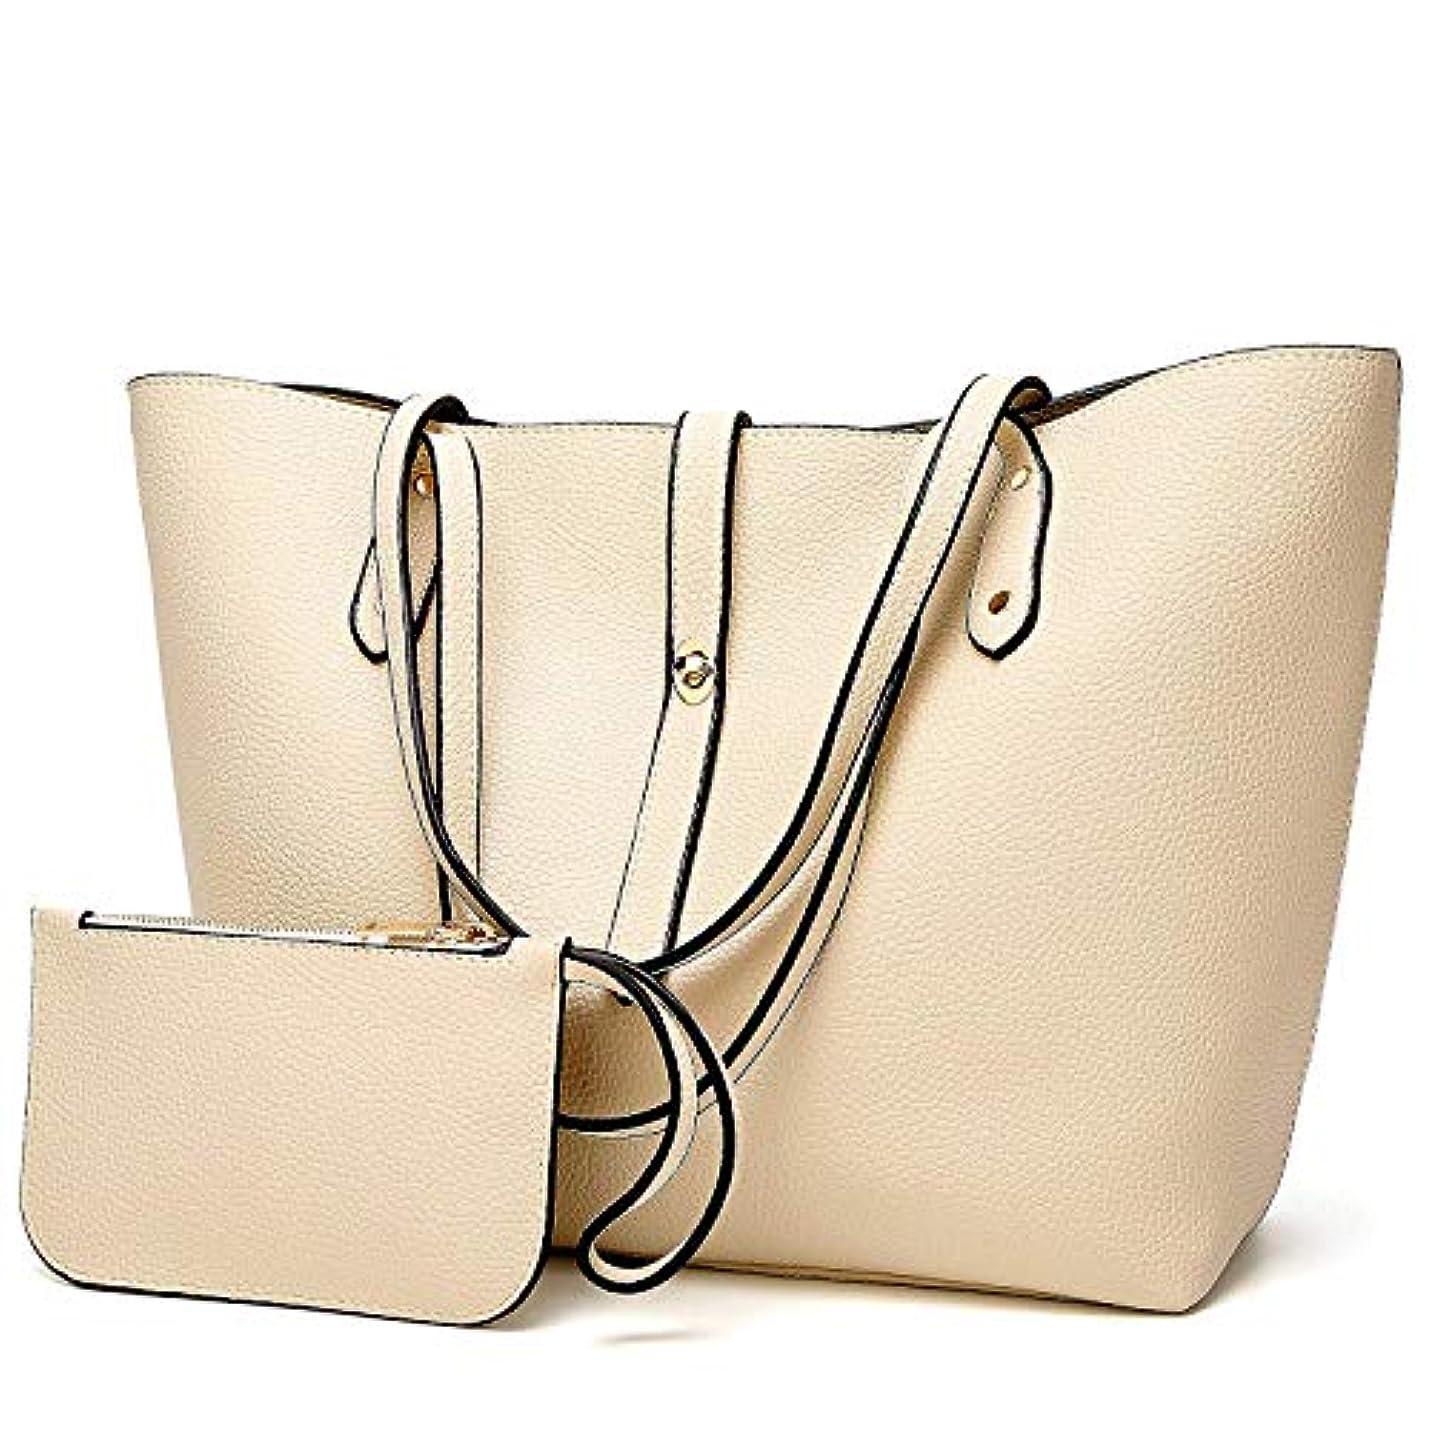 めったに公平な先行する[TcIFE] ハンドバッグ レディース トートバッグ 大容量 無地 ショルダーバッグ 2way 財布とハンドバッグ